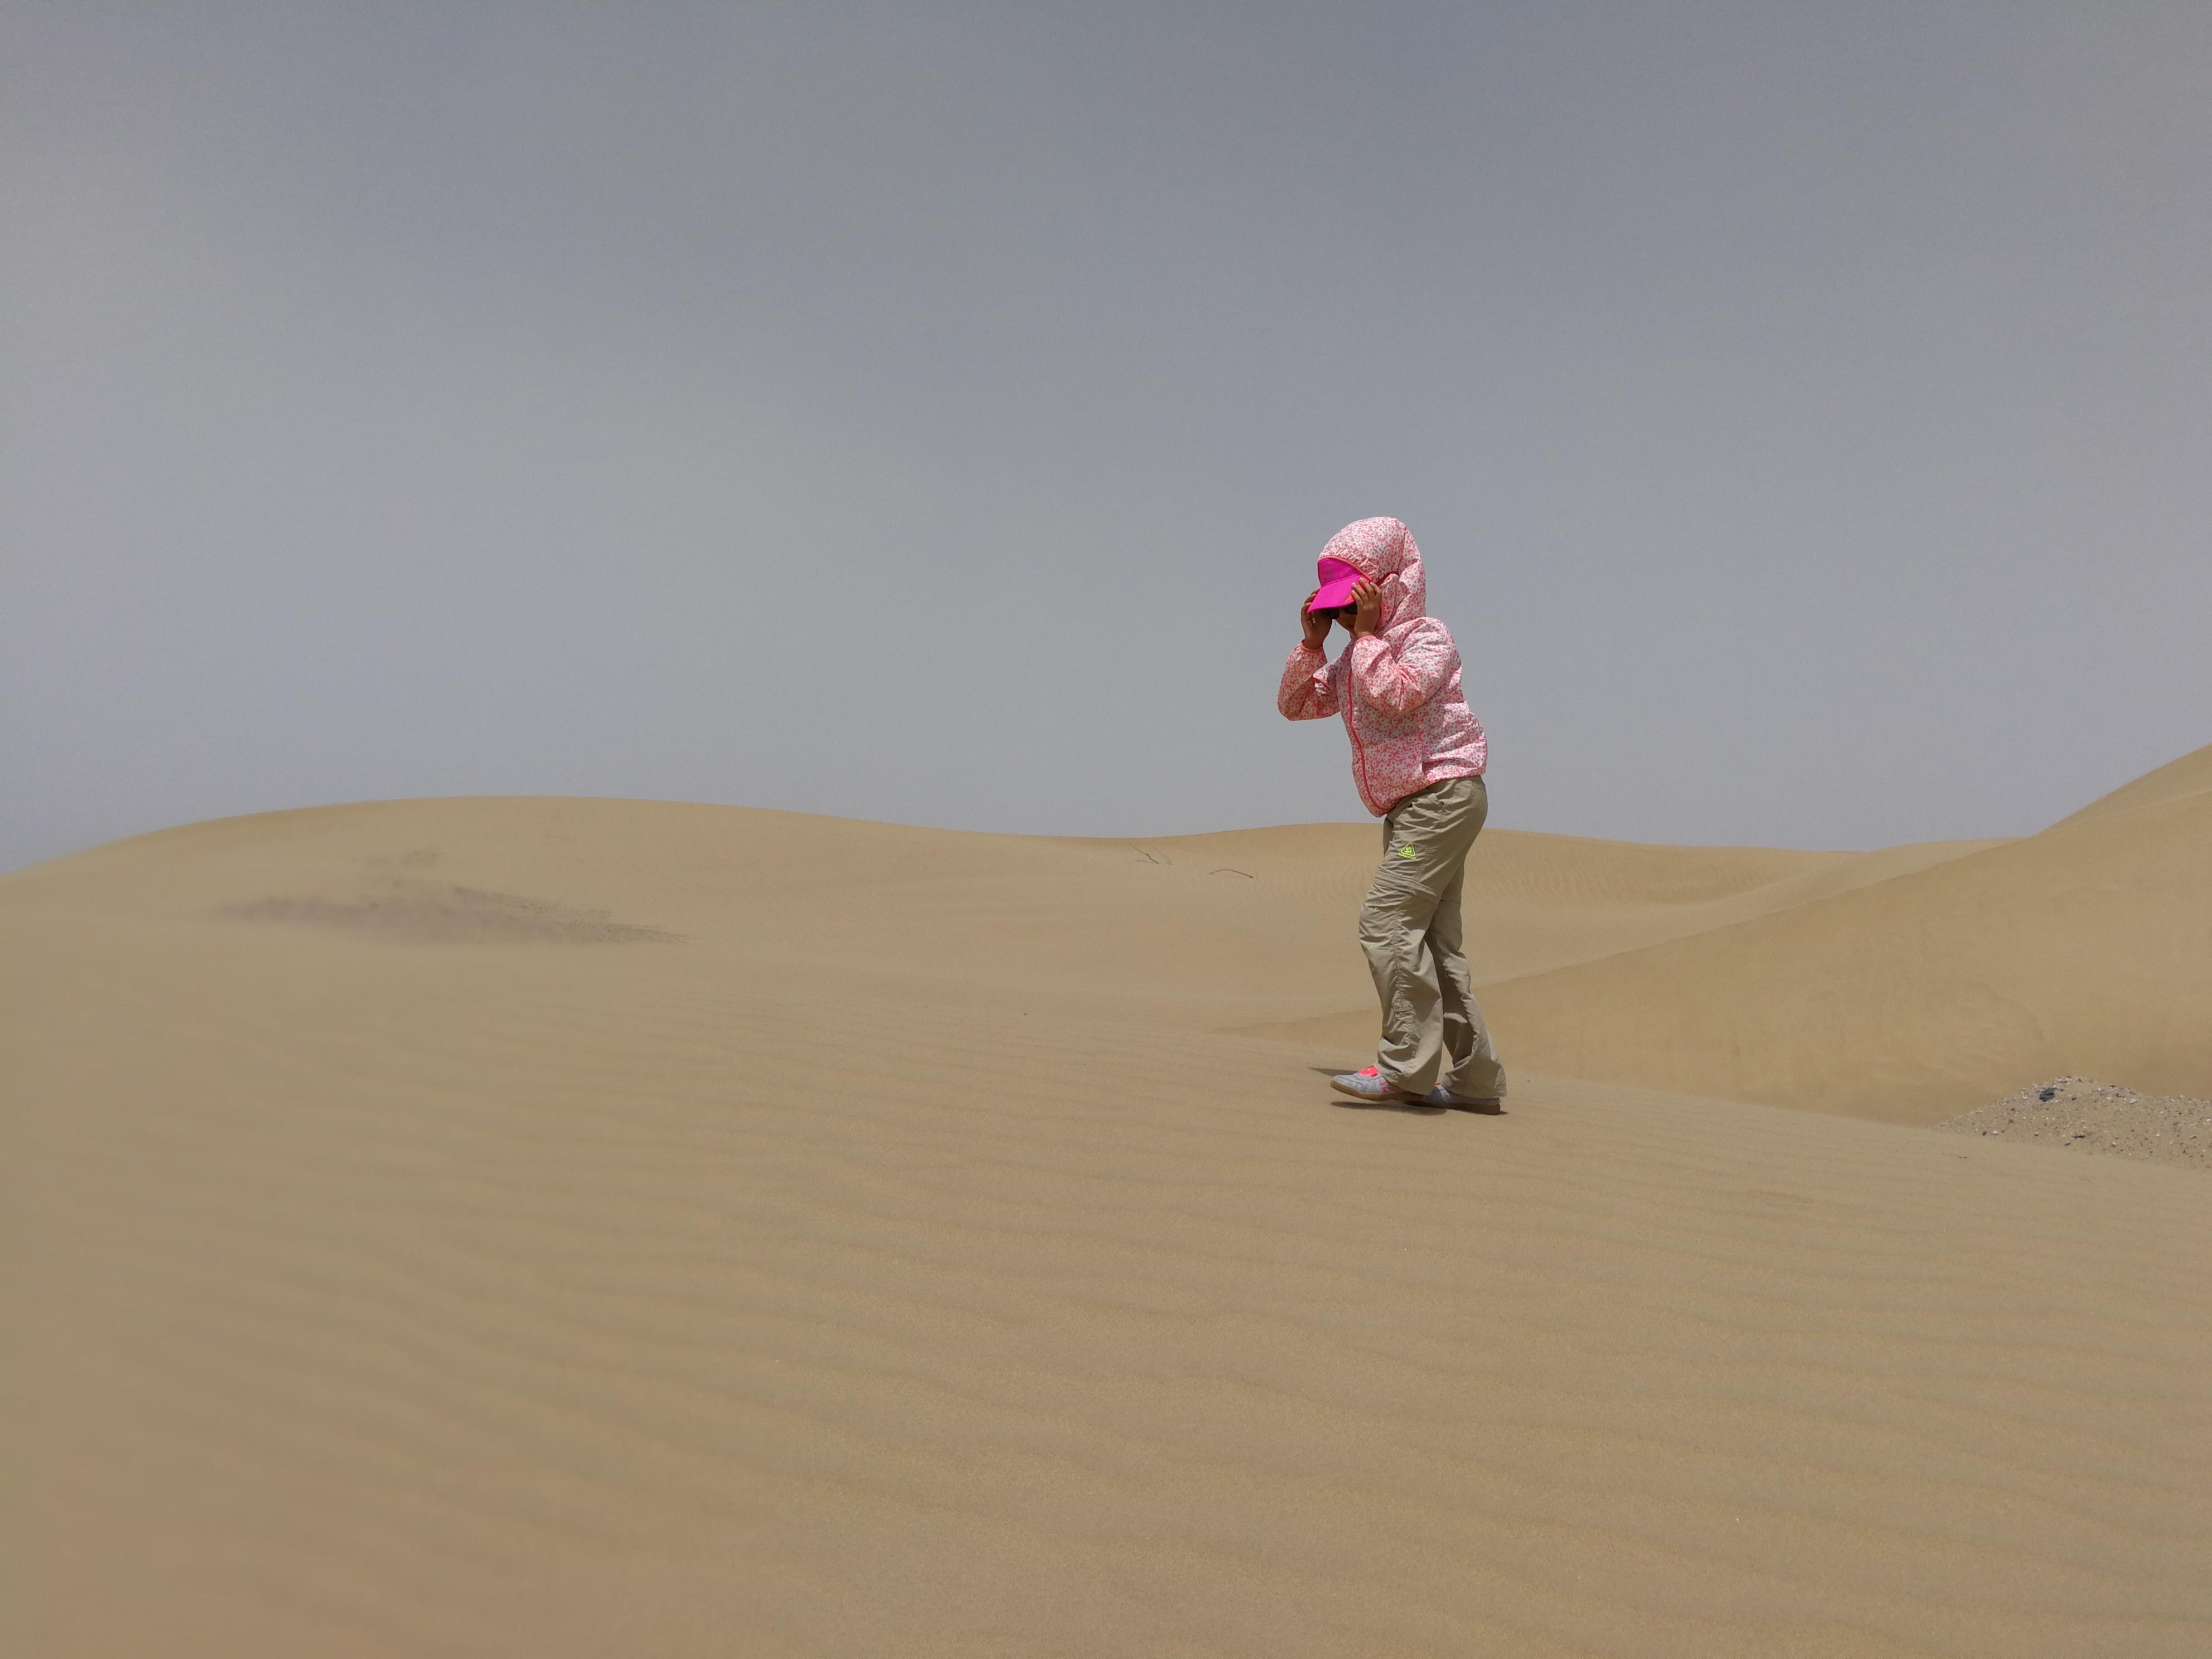 《『北疆行』塔克拉玛干沙漠》